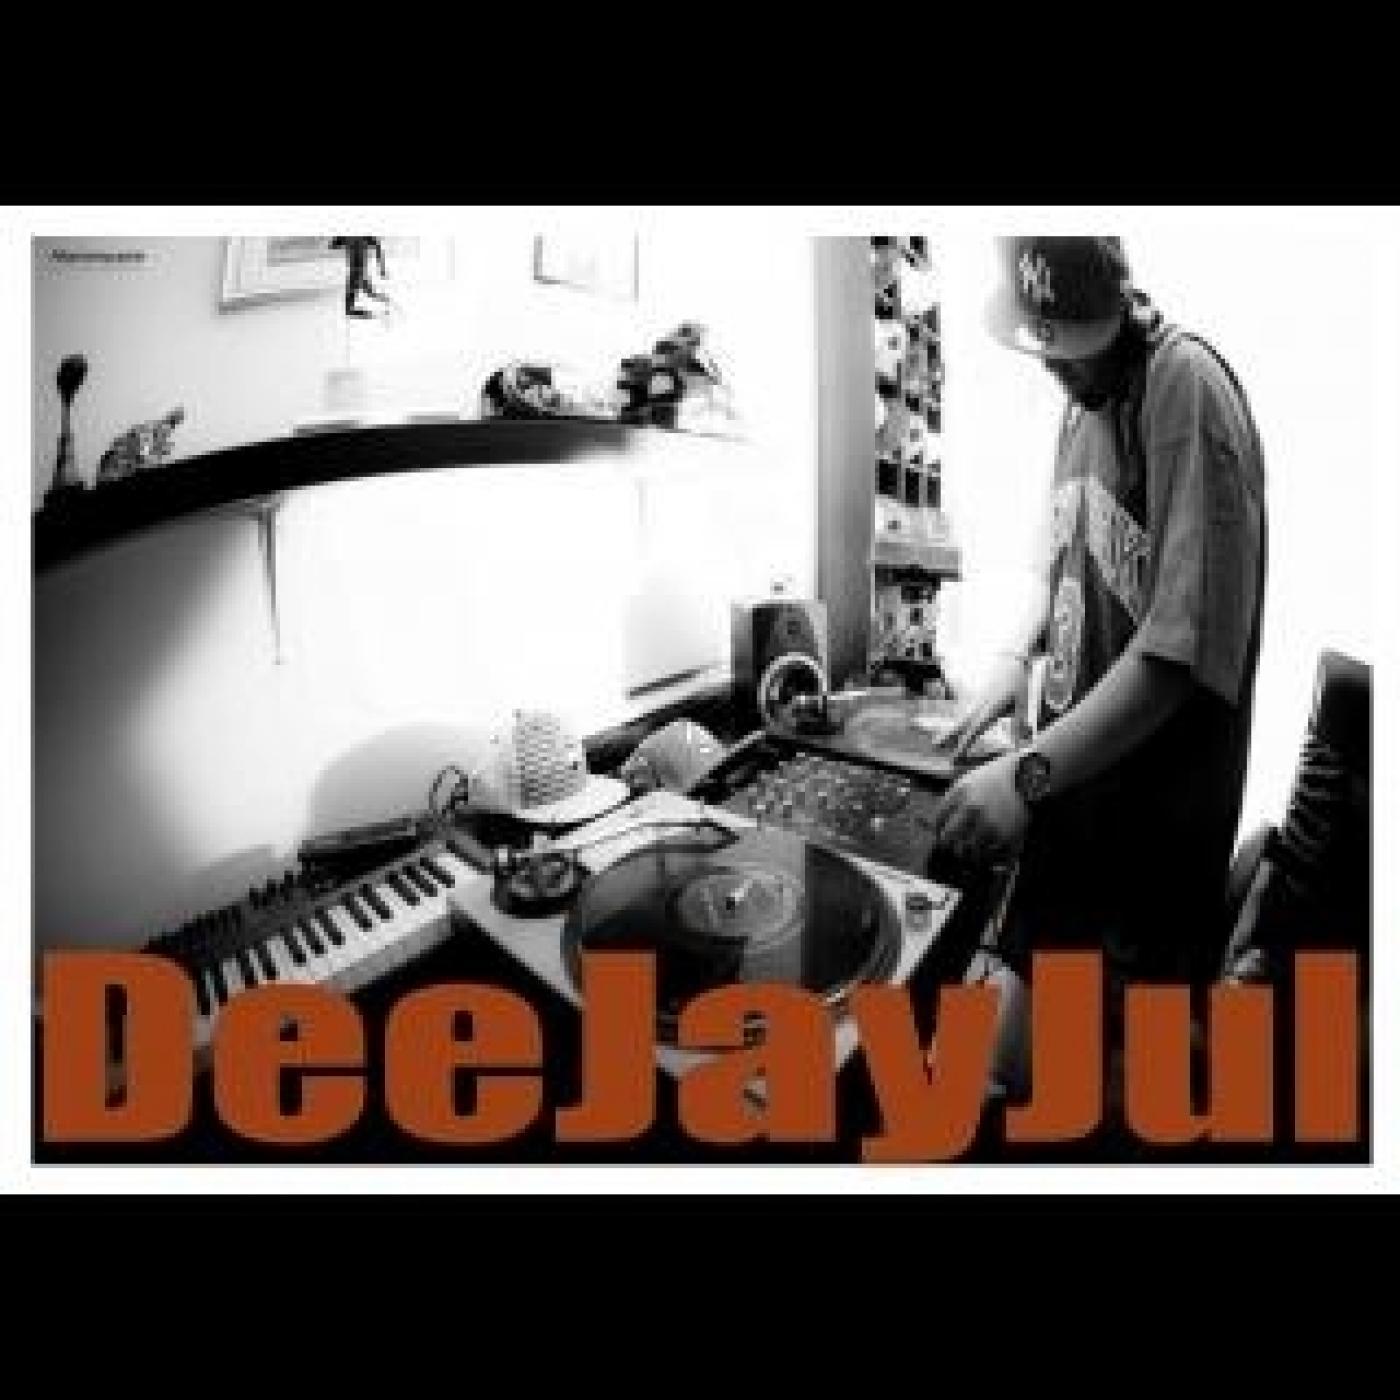 DeeJayJul Mixtape